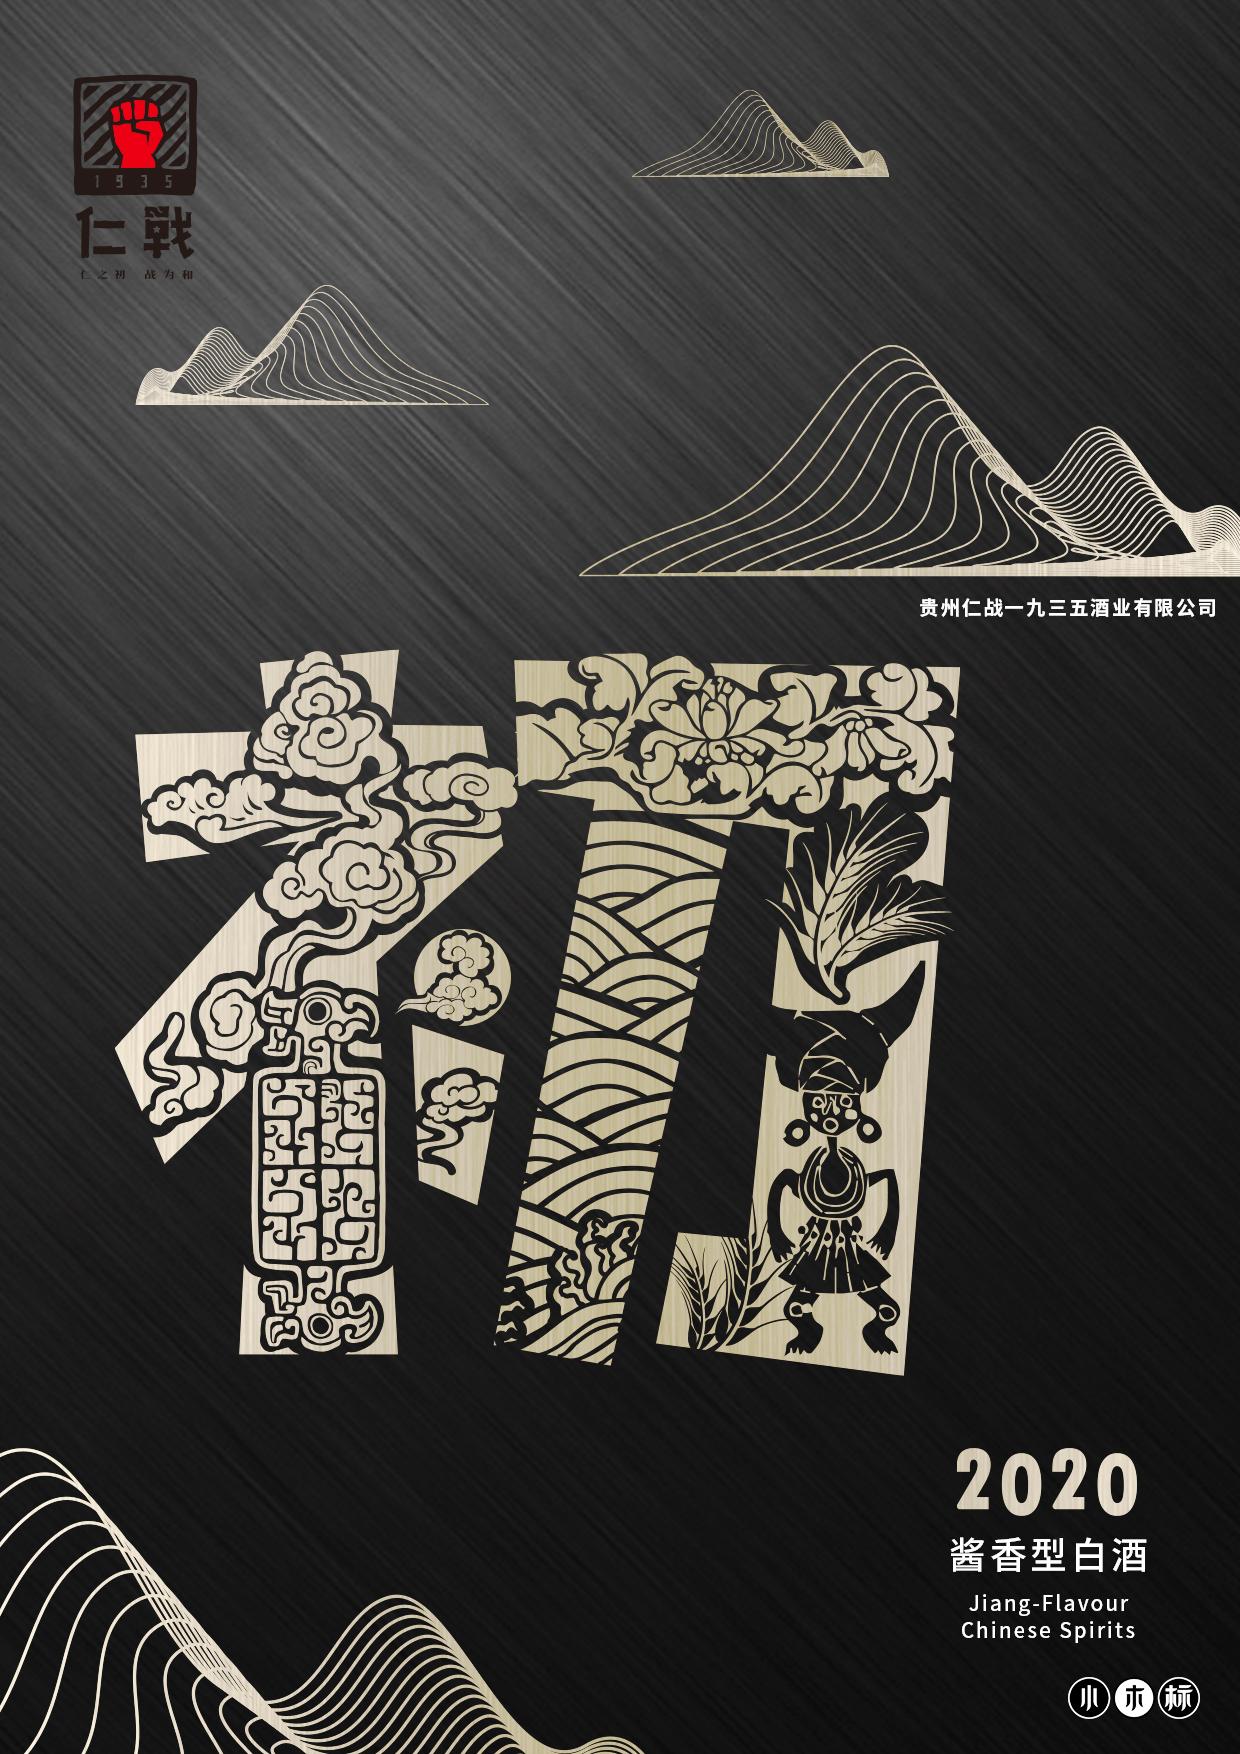 茅台镇仁战1935酒:遵循传统酱香酒的12987工艺进行酿造